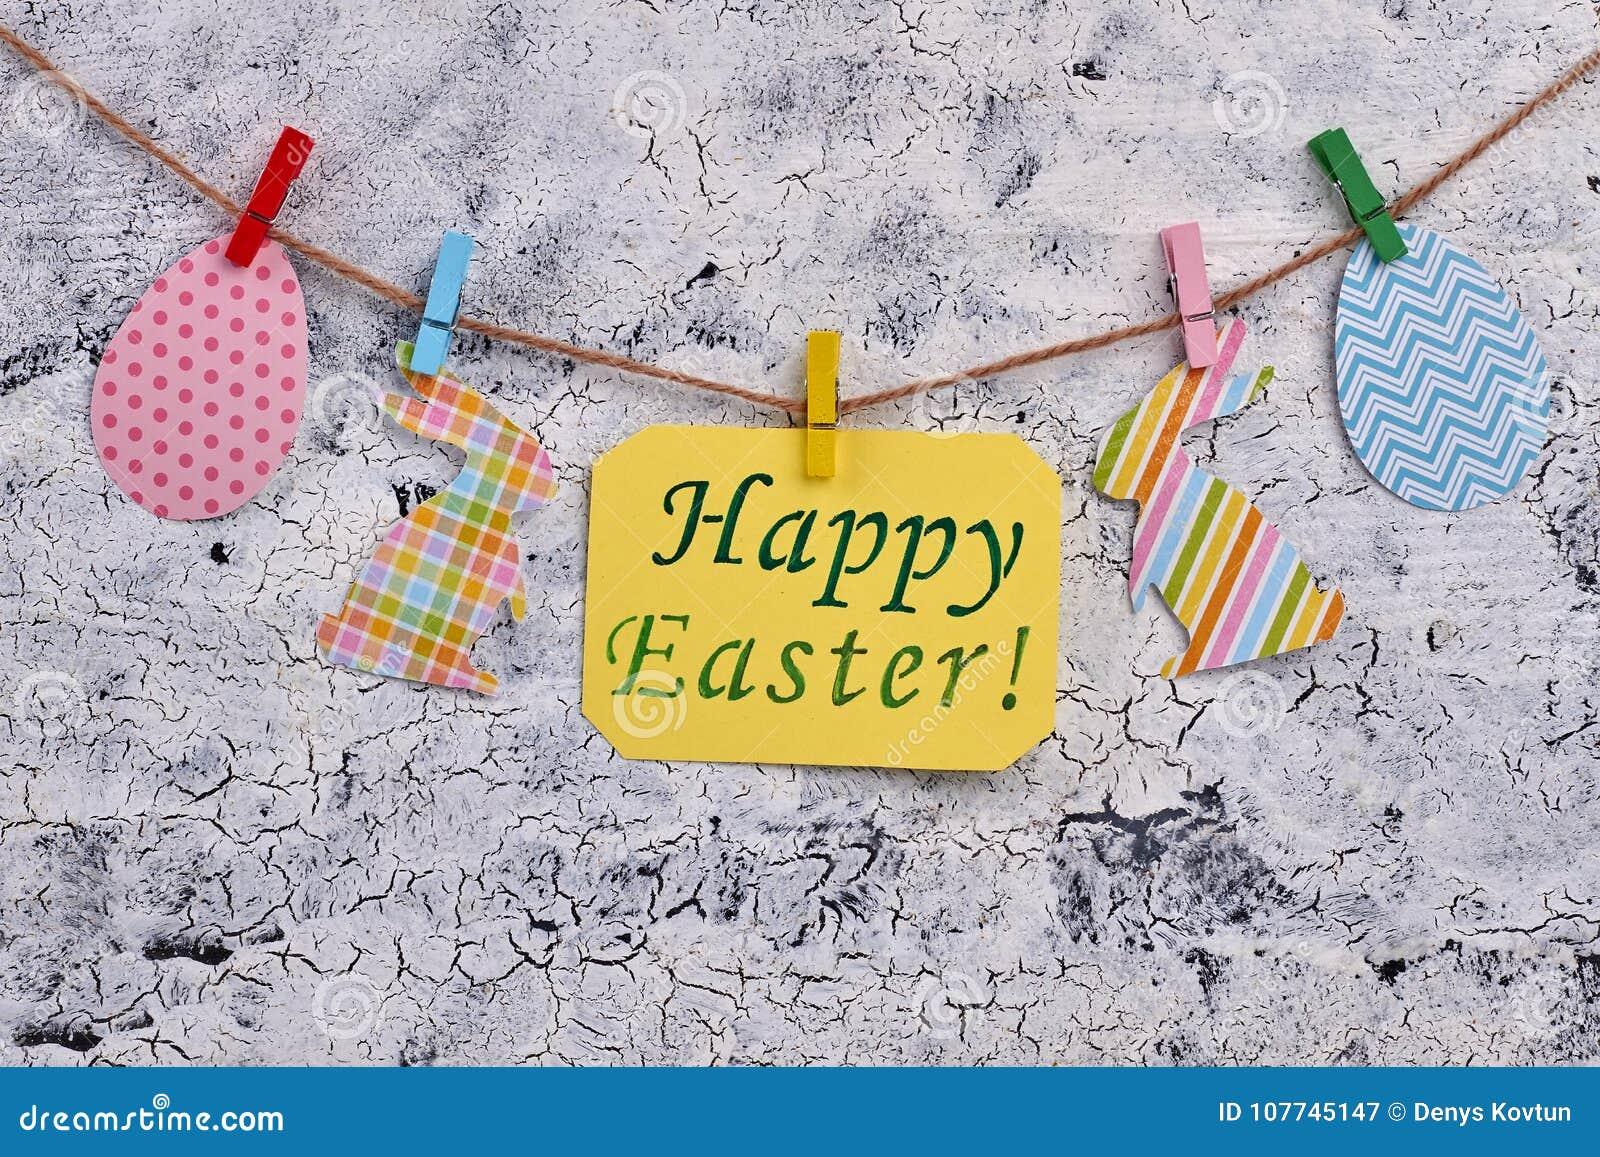 Glückliche Ostern-Mitteilungs- und -papierfigürchen